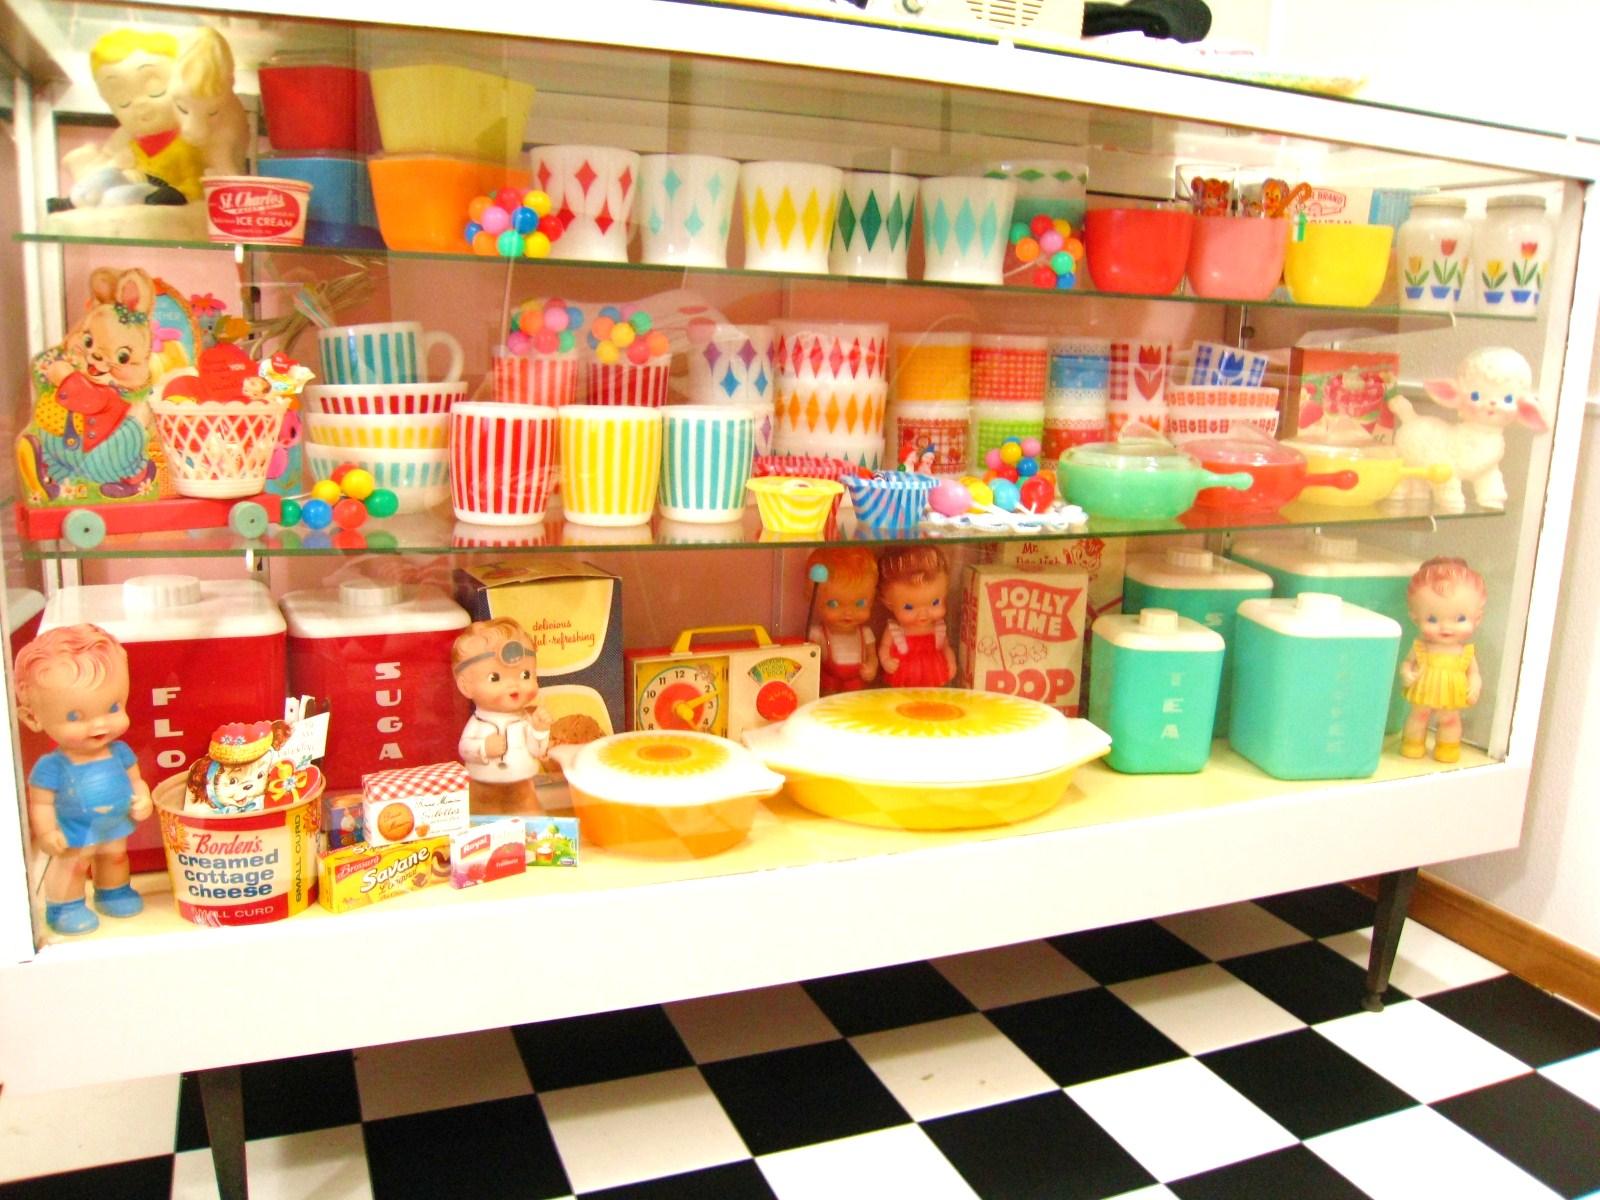 Hintergrundbilder : bunt, Lebensmittel, Küche, Jahrgang, Spielzeug ...